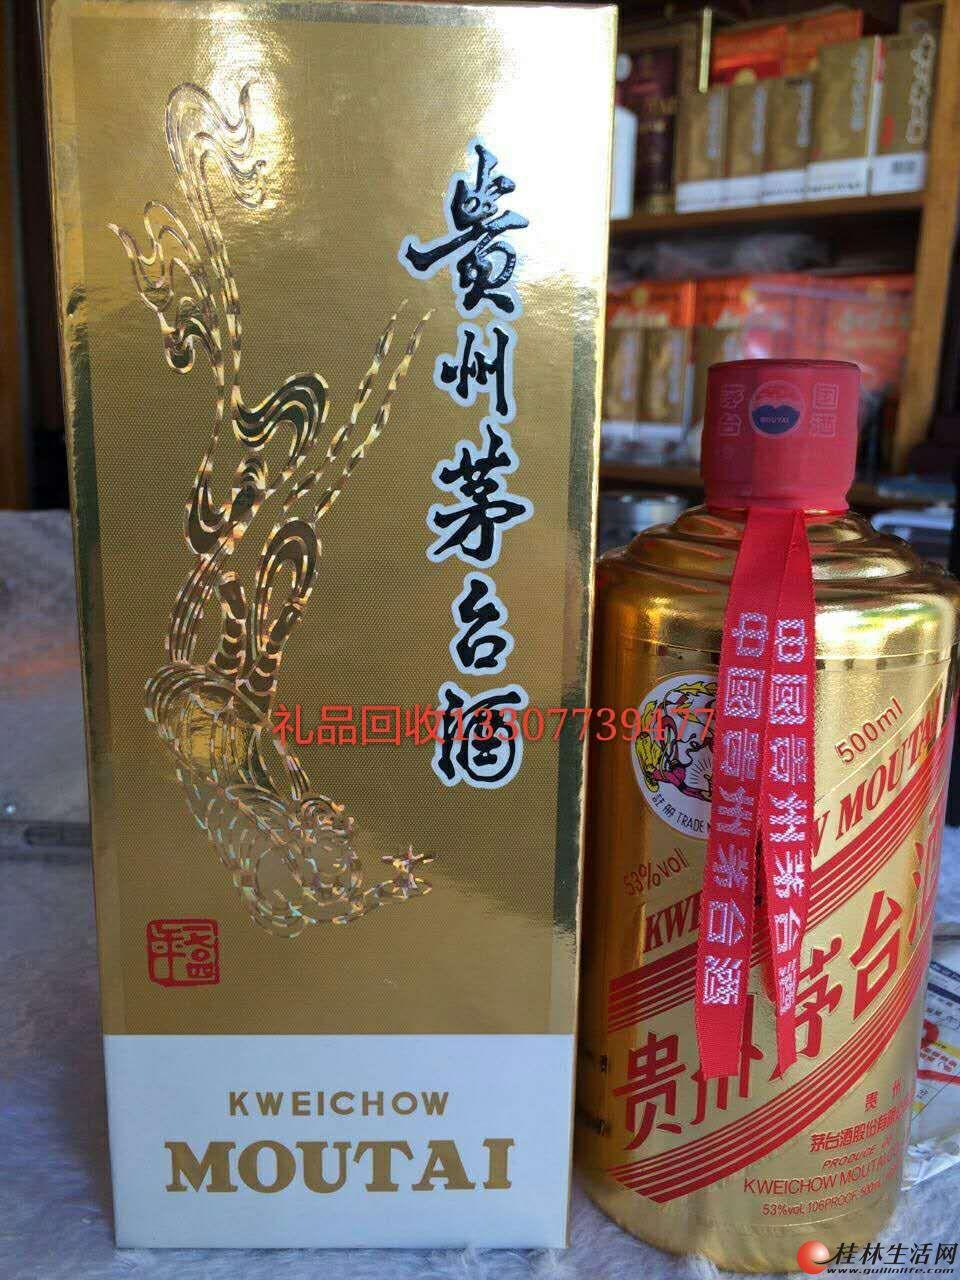 桂林地区现金高价回收礼品、白酒老酒洋酒、冬虫夏草,片仔癀颗粒等礼品~!